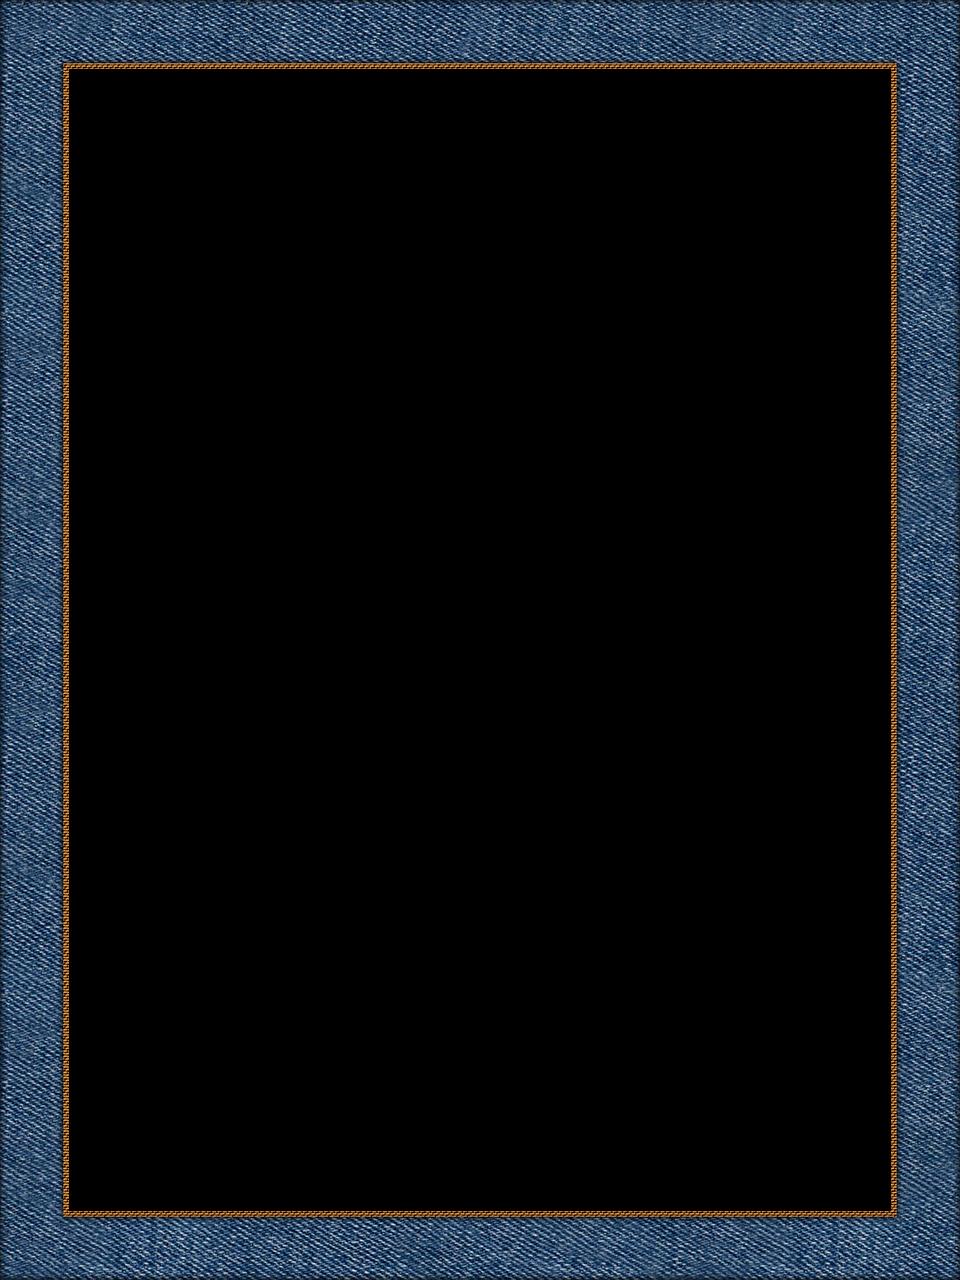 синяя рамка для фото приложения, устанавливаете